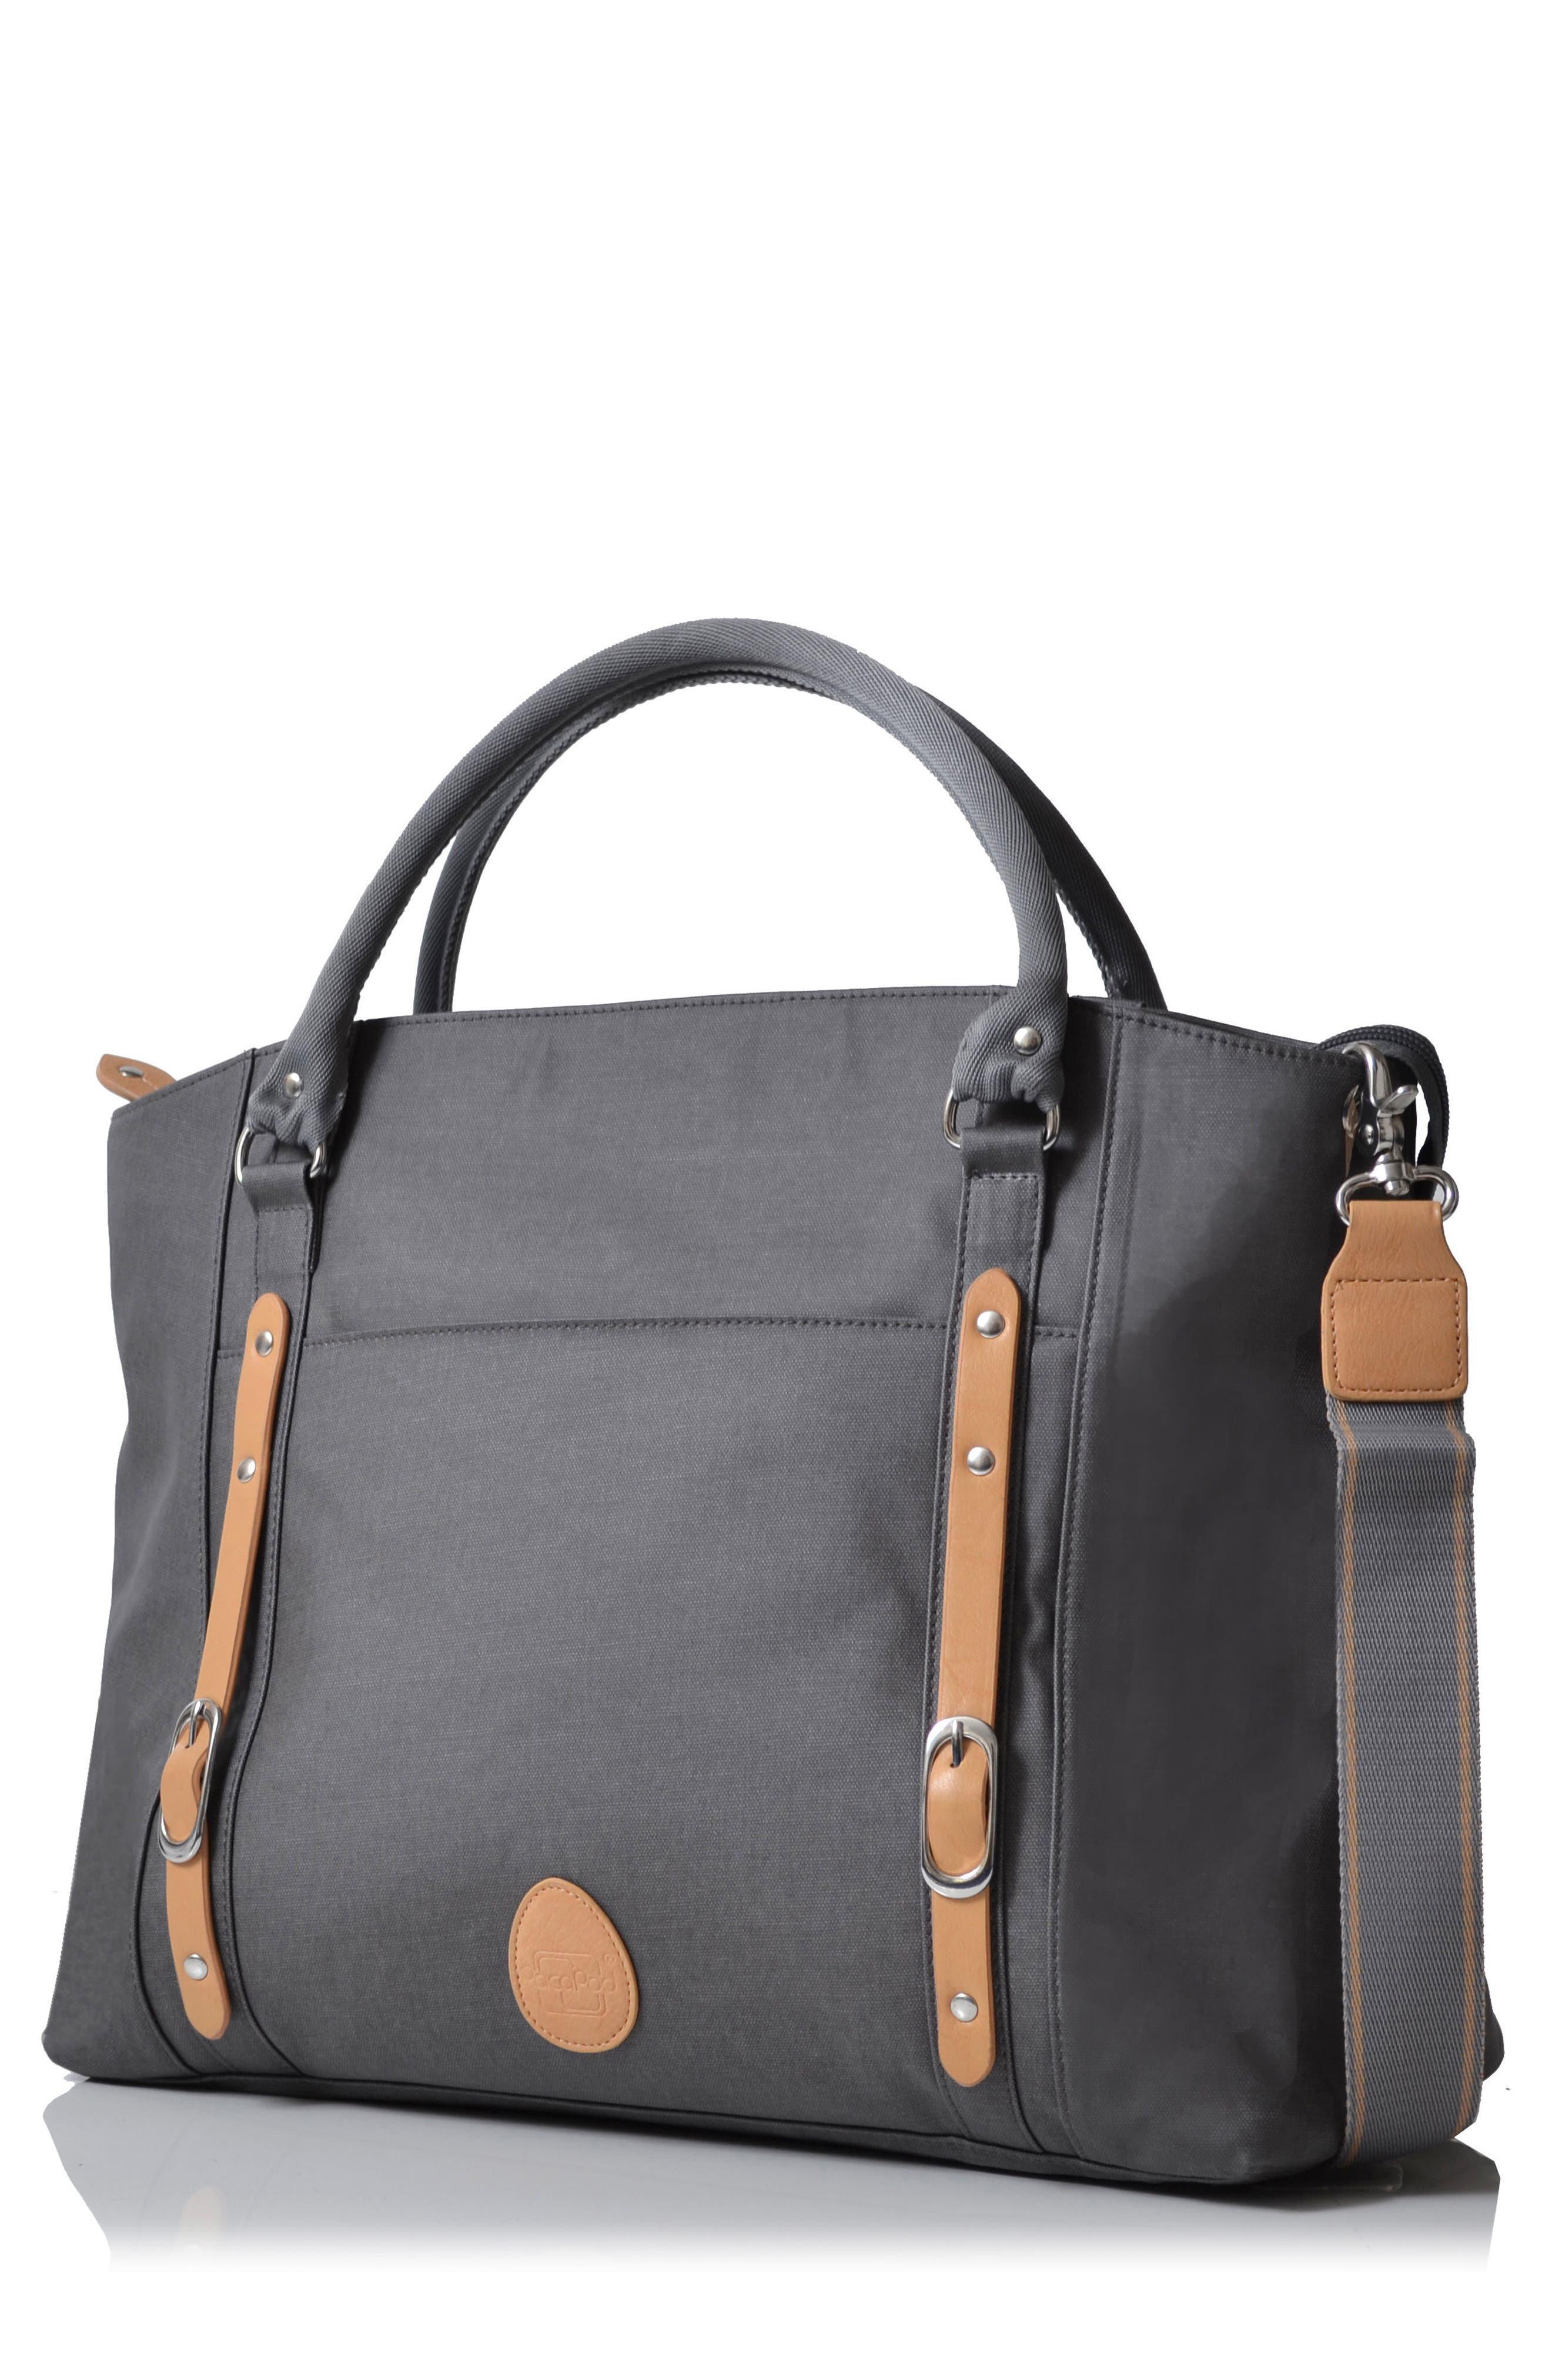 Alternate Image 1 Selected - PacaPod 'Mirano' Diaper Bag